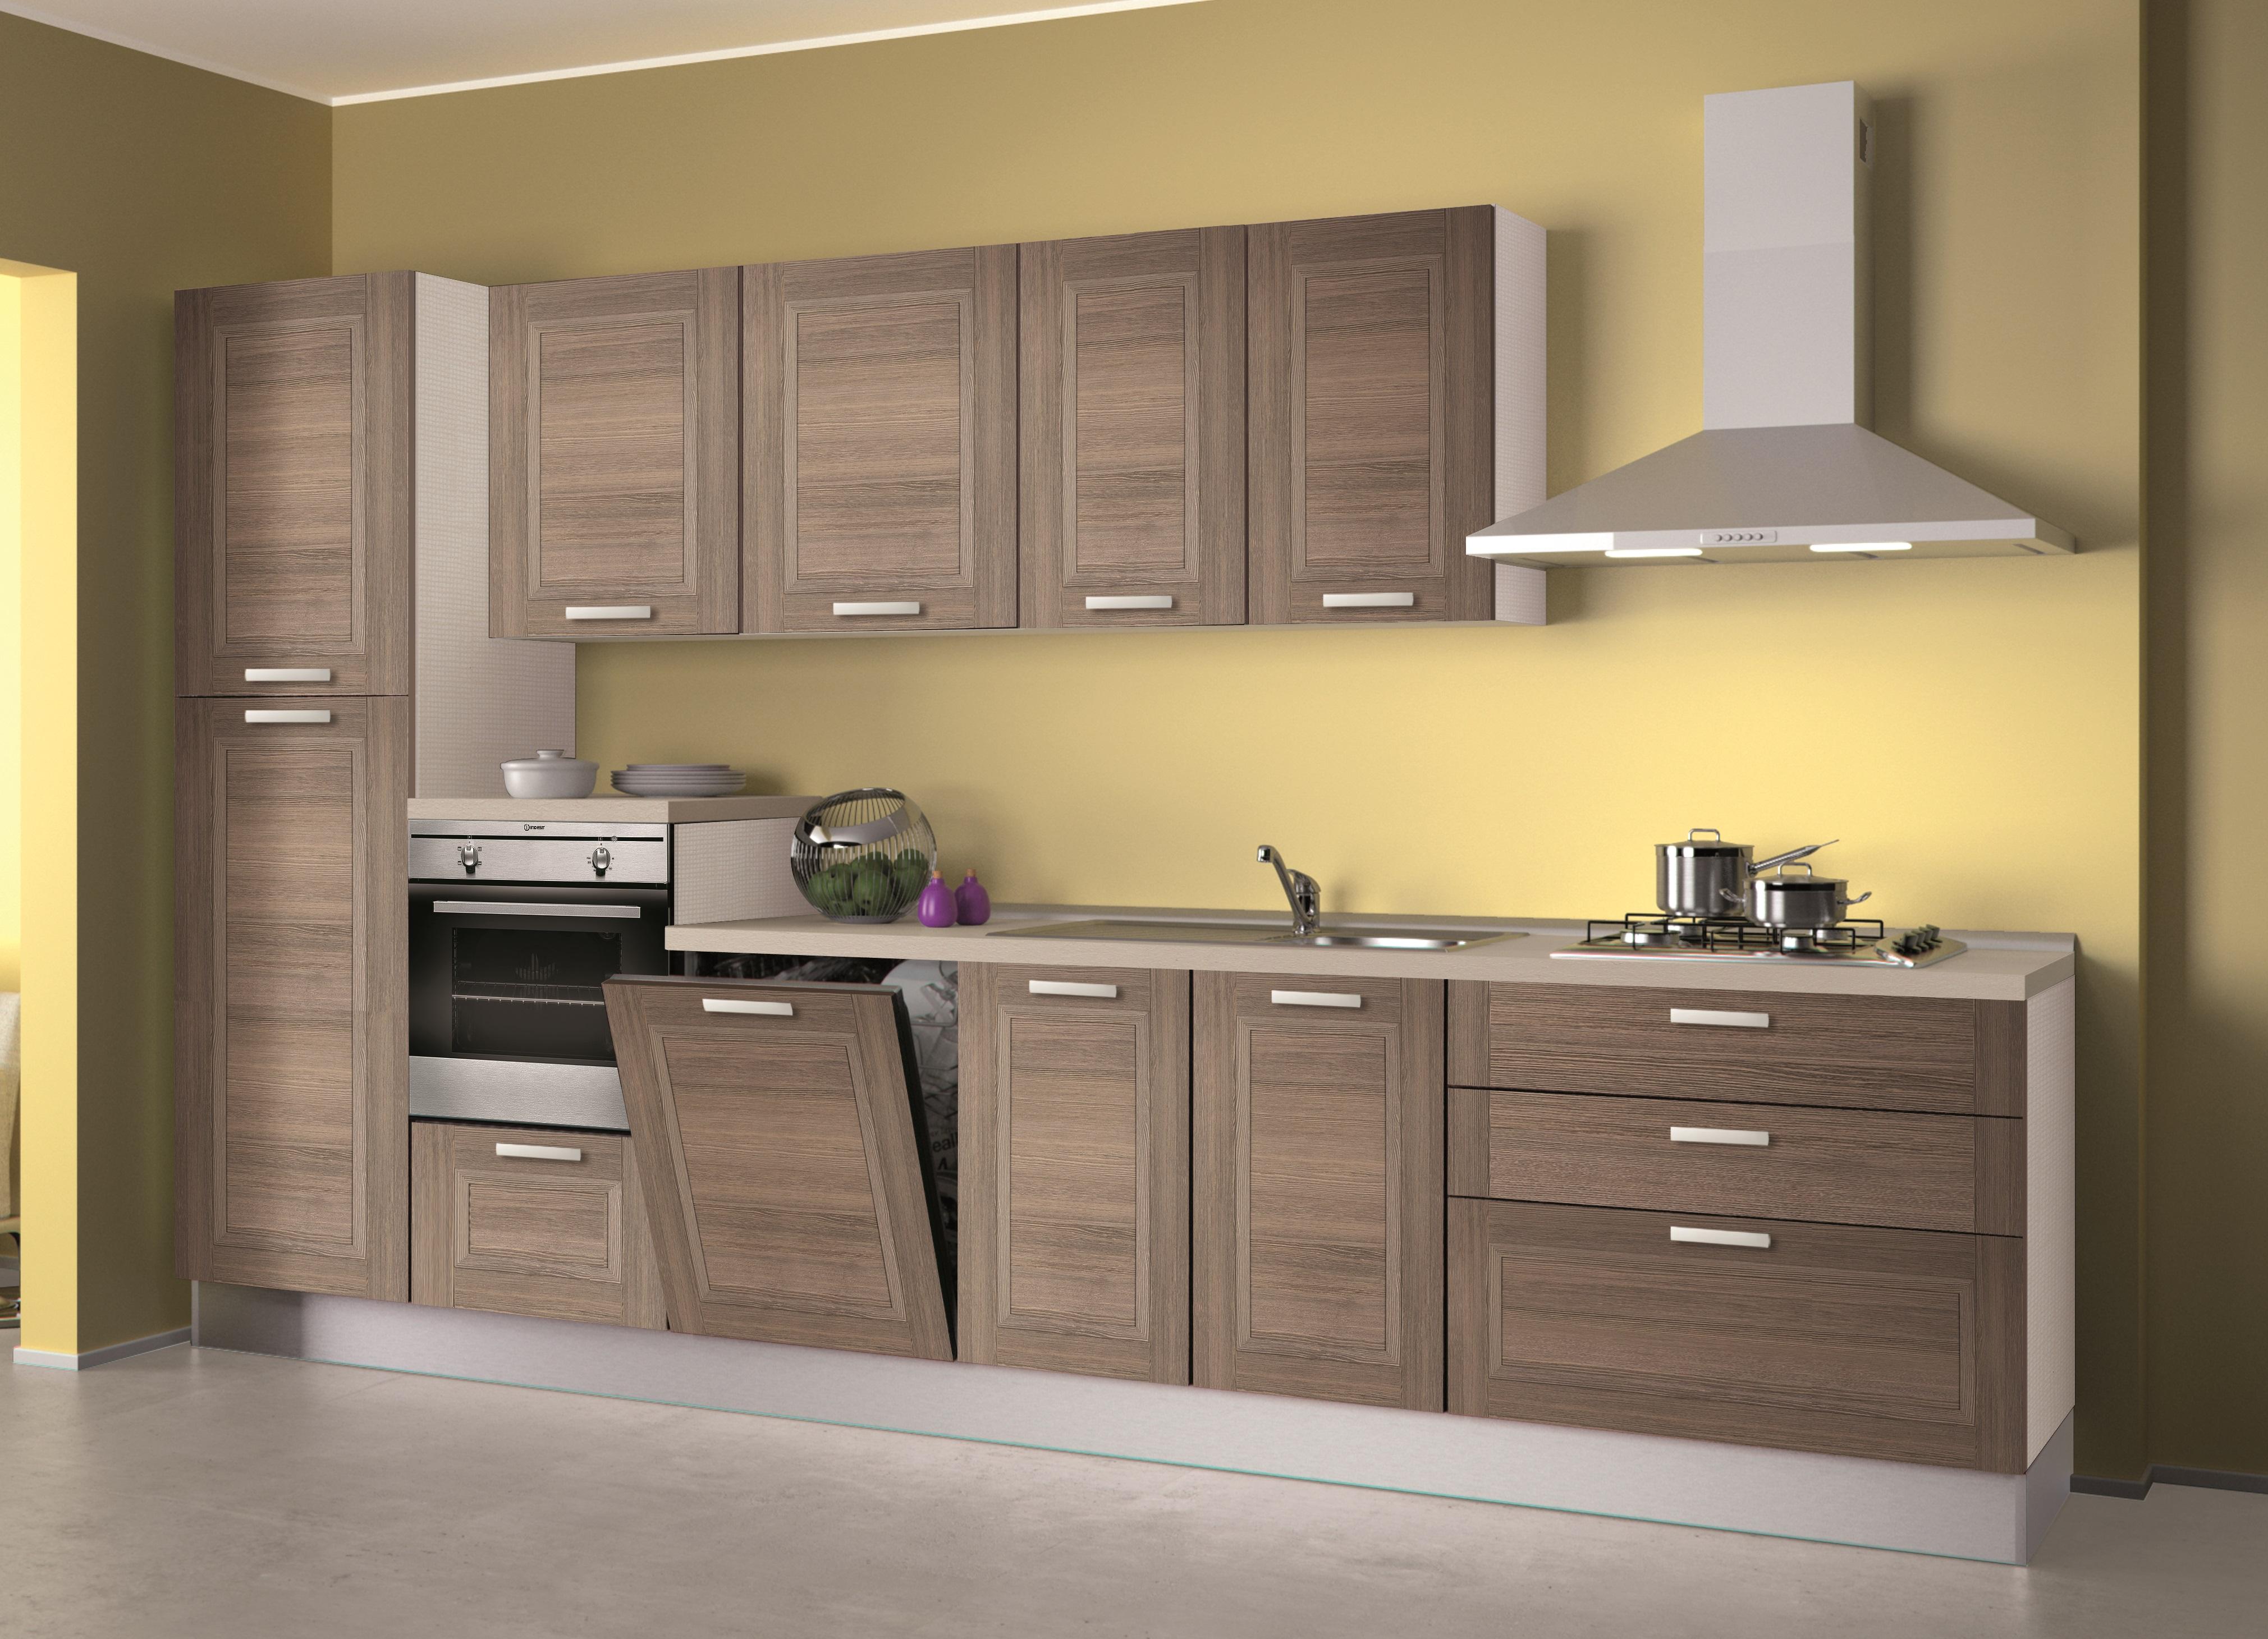 Promo 139l arredamenti centro cucine battistelli eric for Discount arredamenti